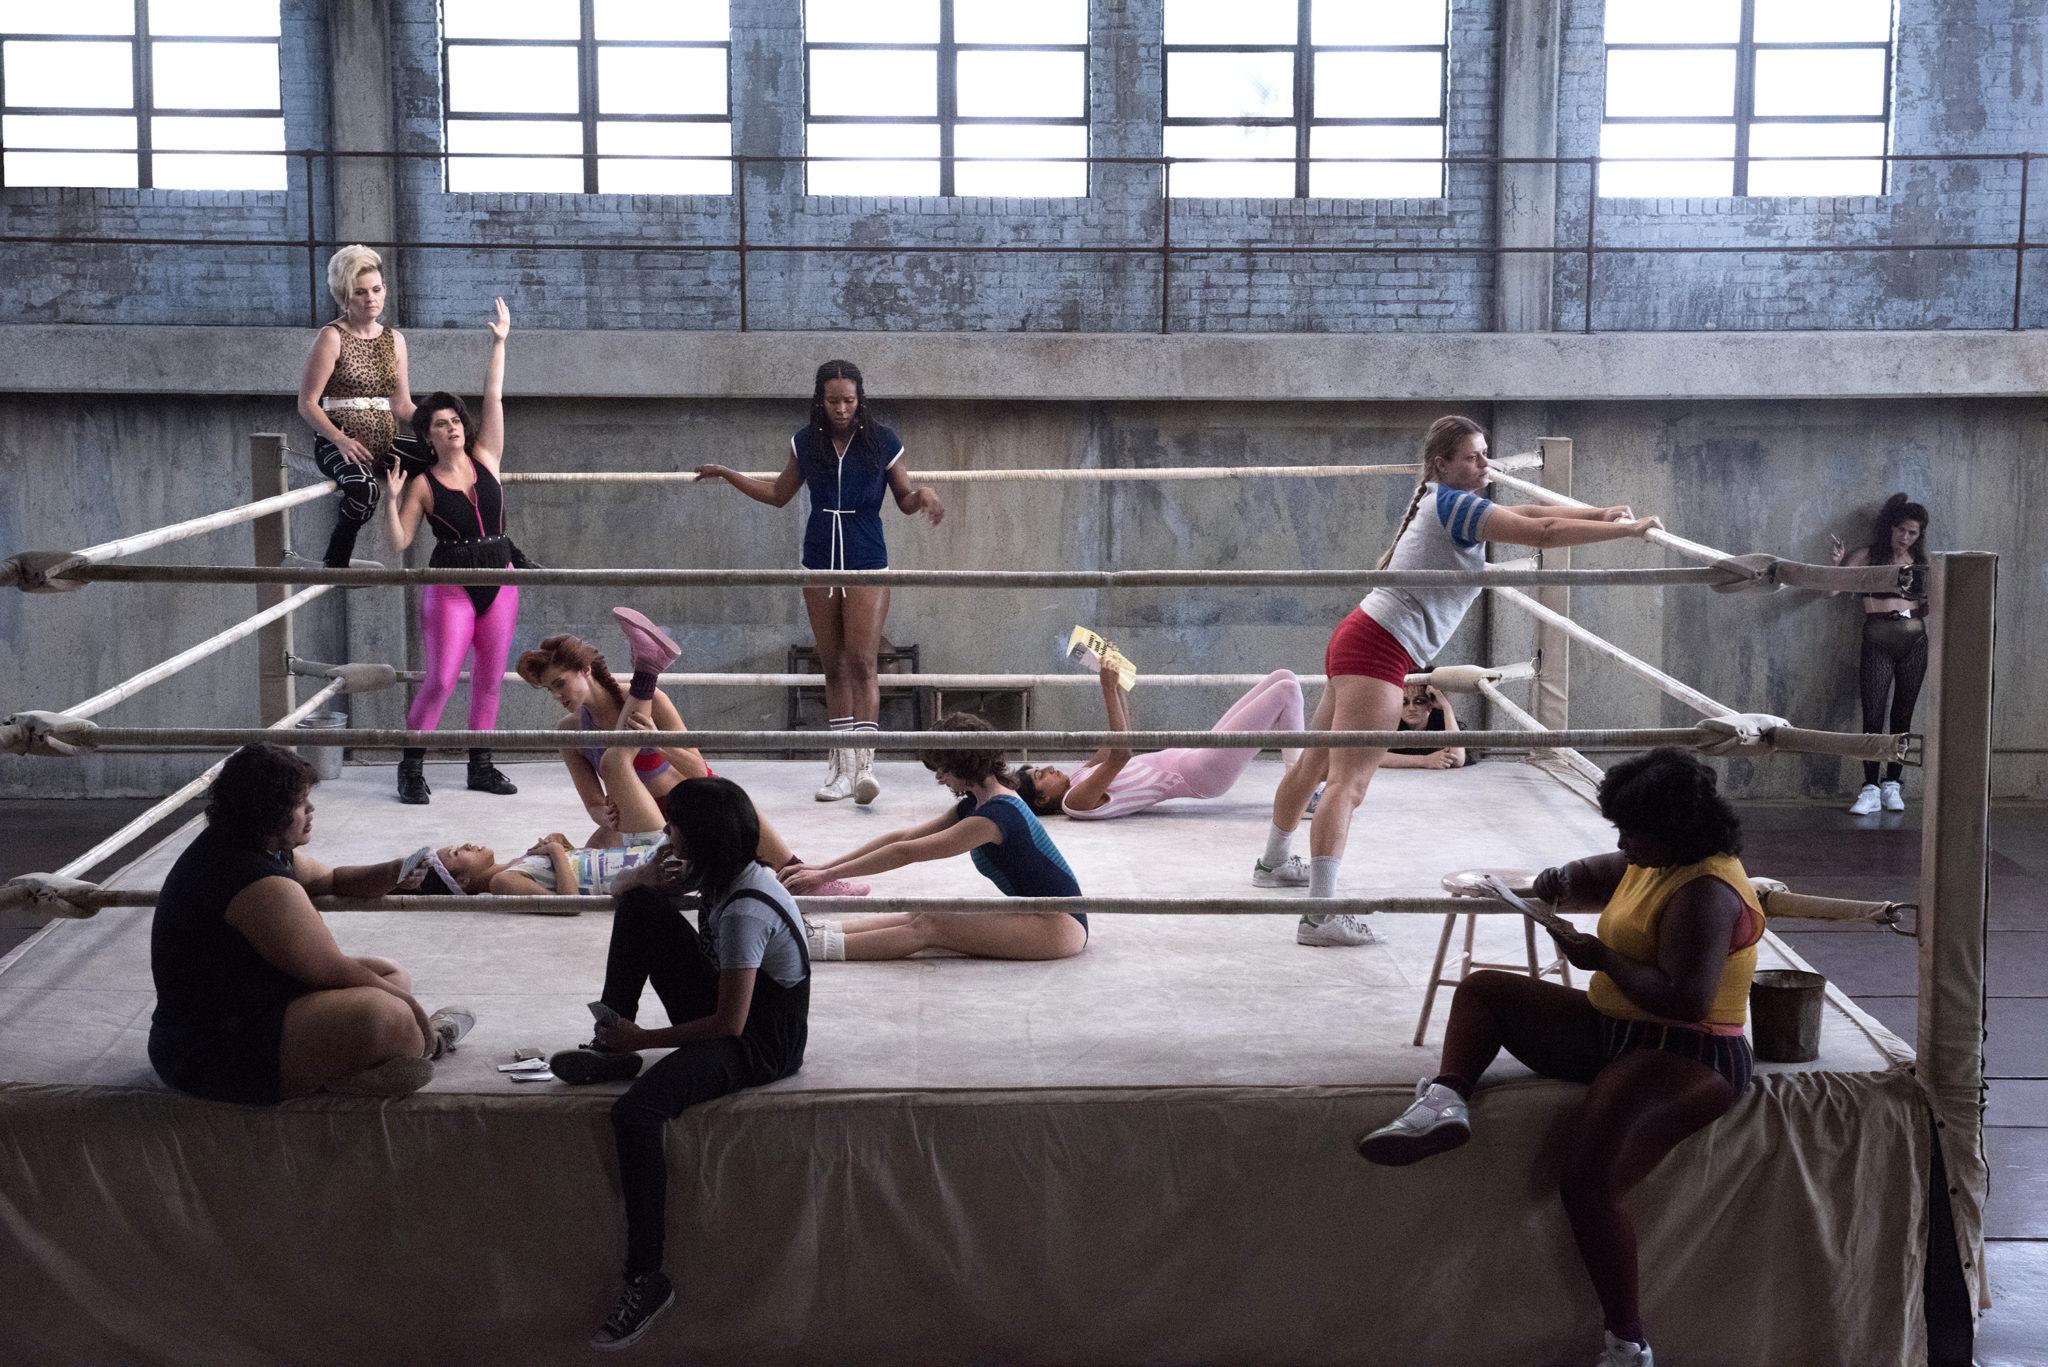 Dziewczyny stojące na ringu bokserskim